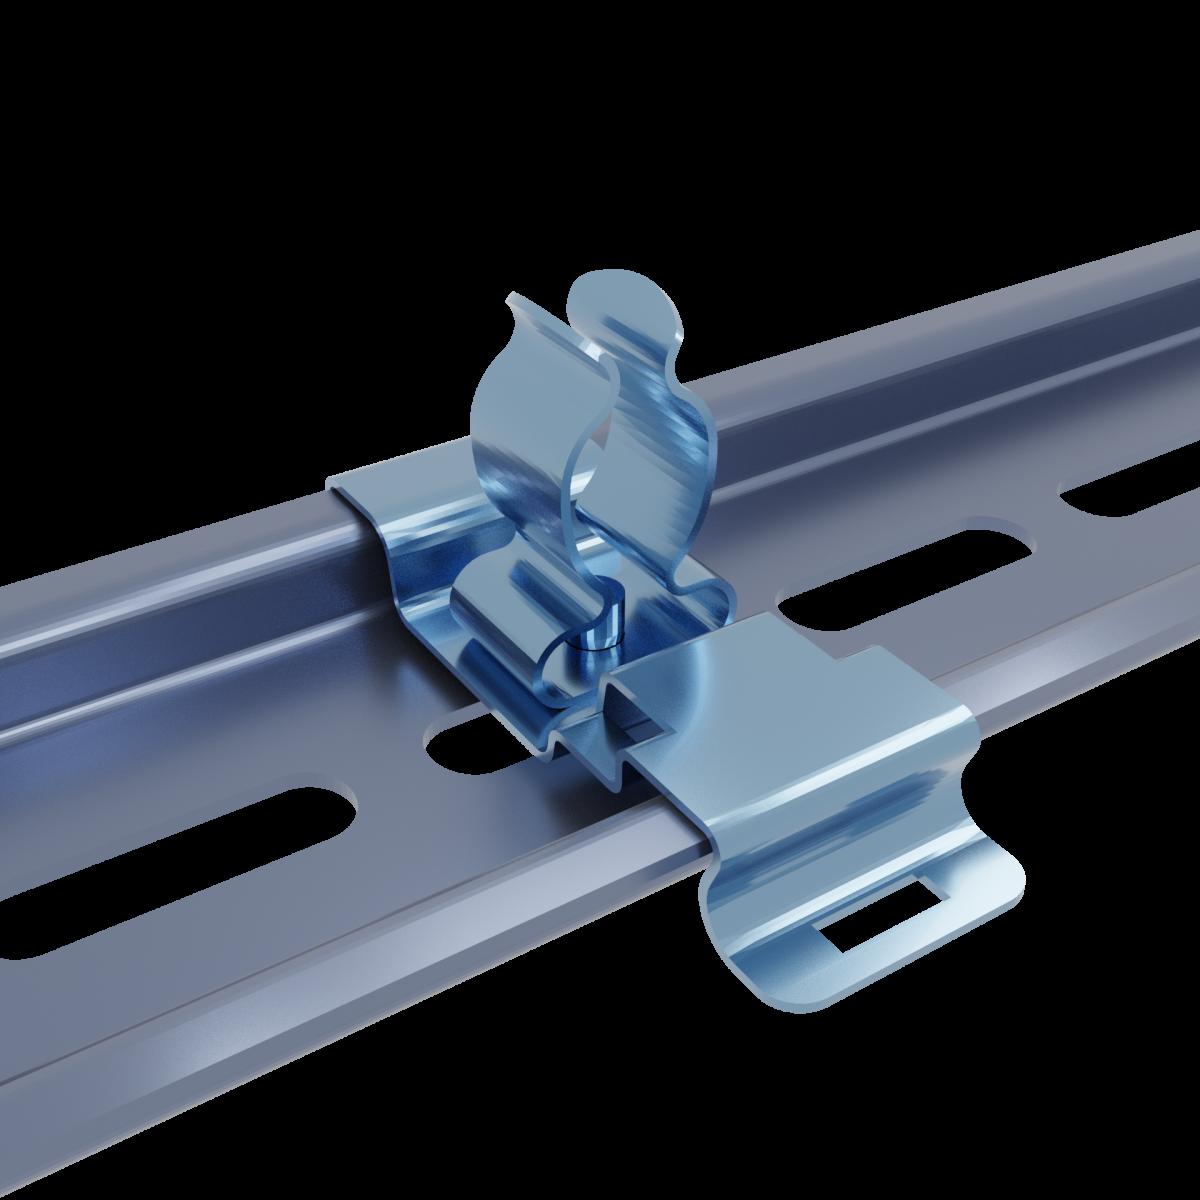 Stínicí kabelová spona MSD 50-60